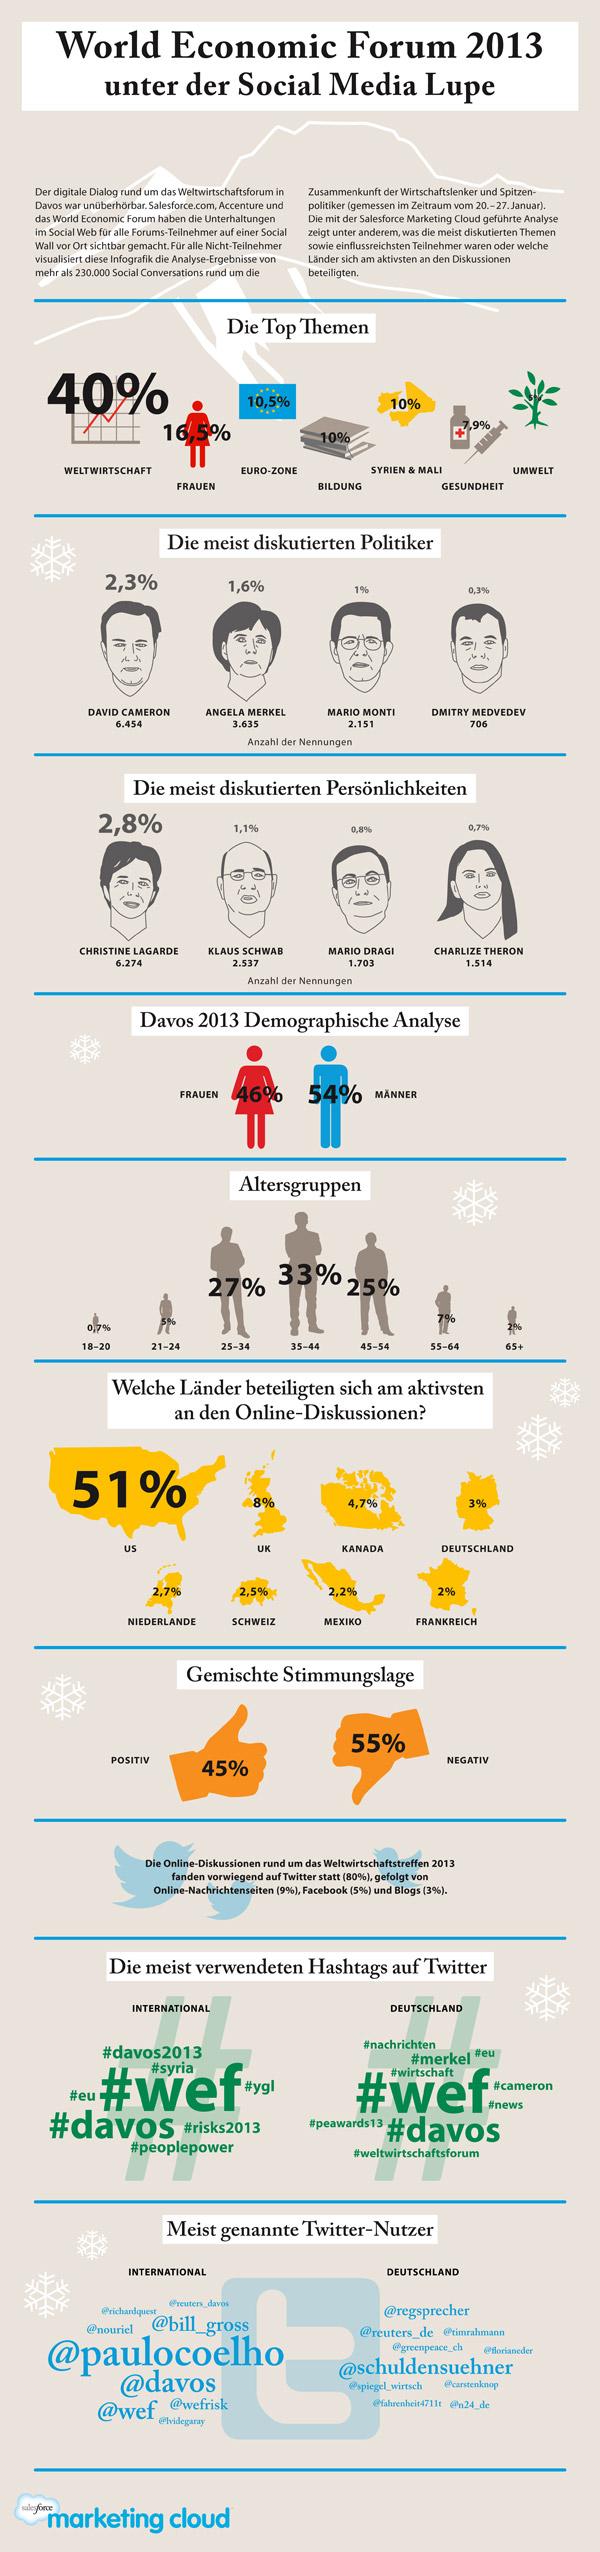 Infographic - Weltwirtschaftsforum 2013 in Davos